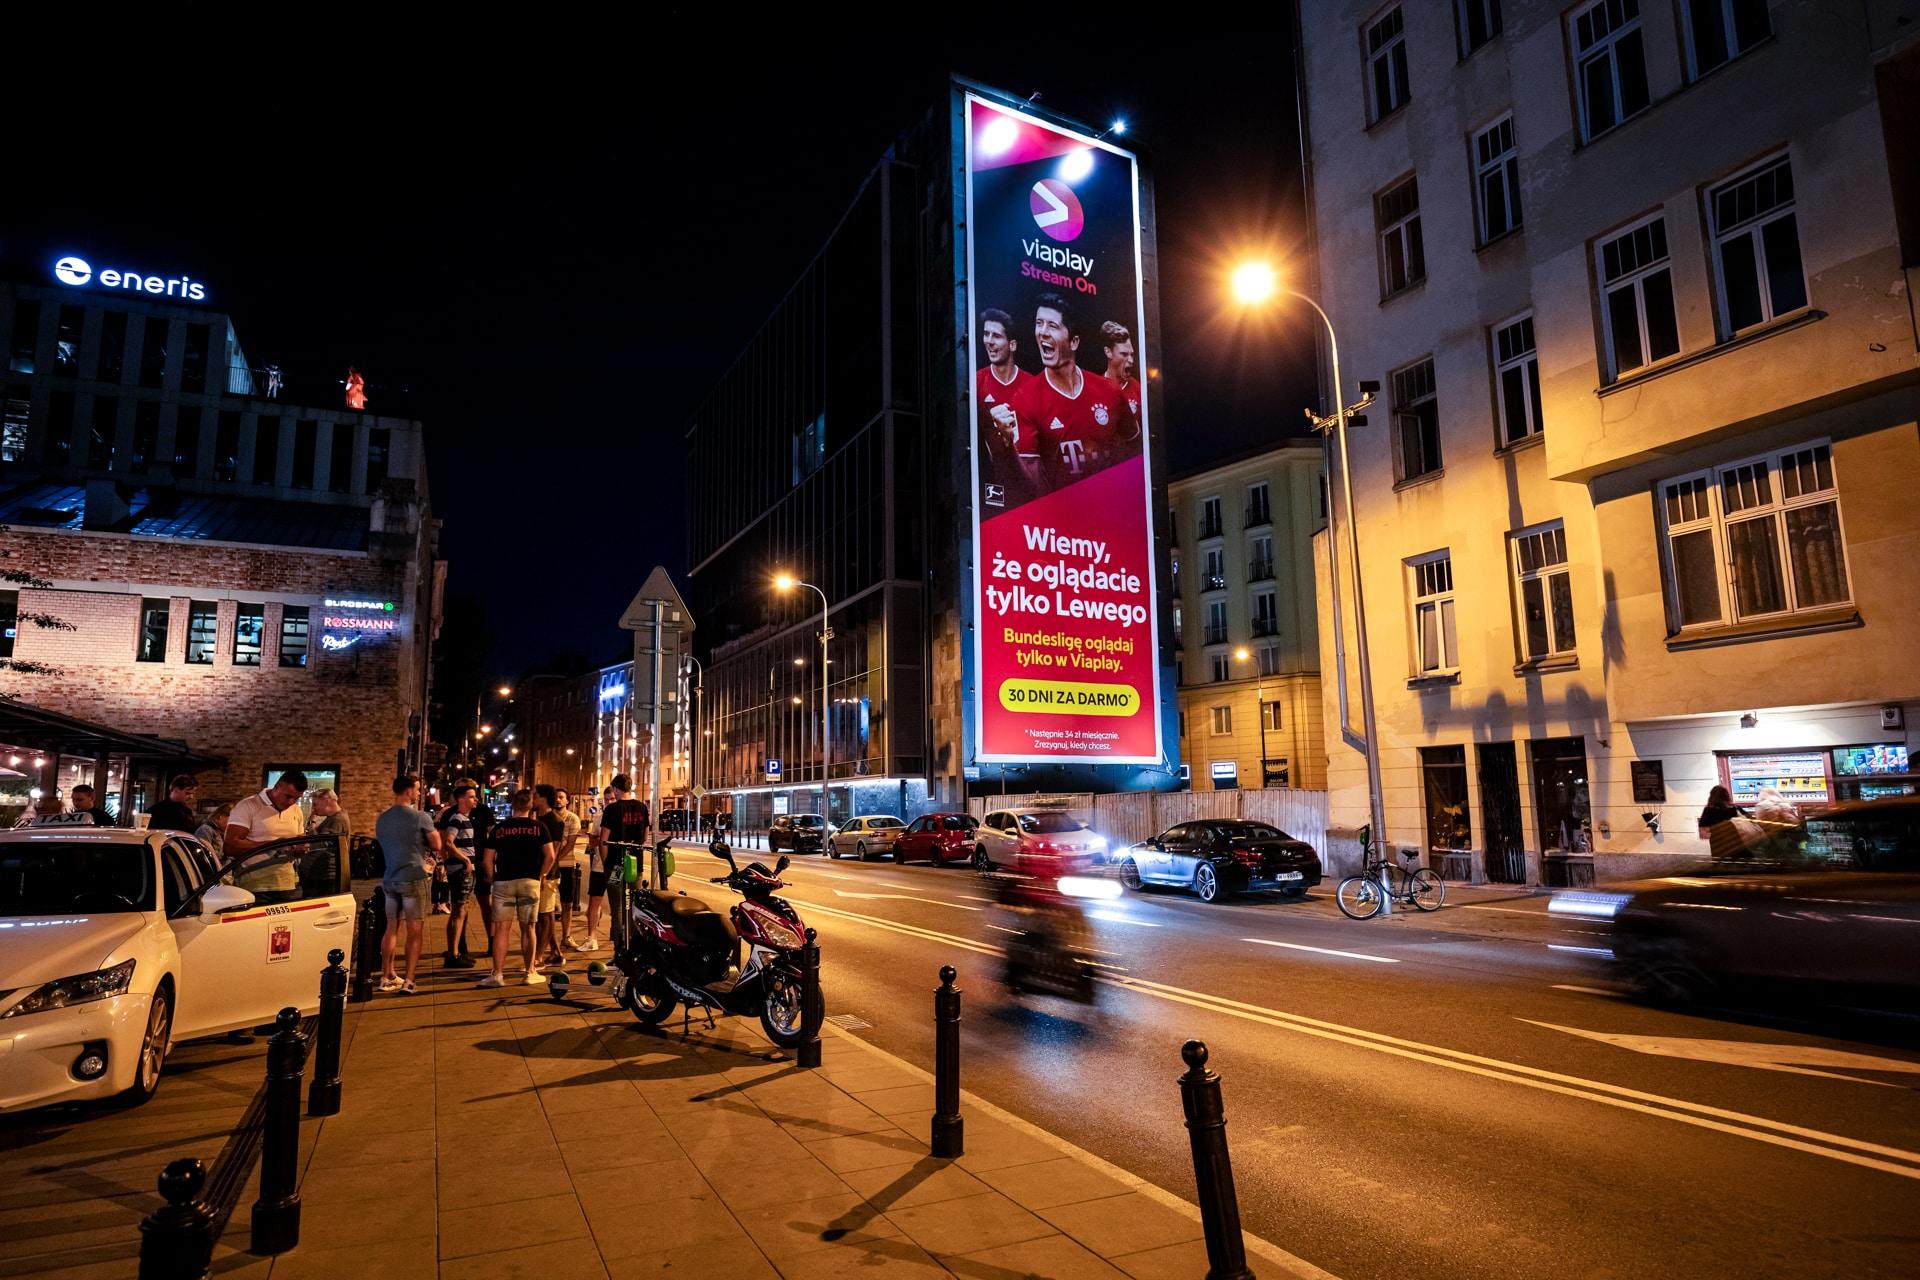 Viaplay w Warszawie